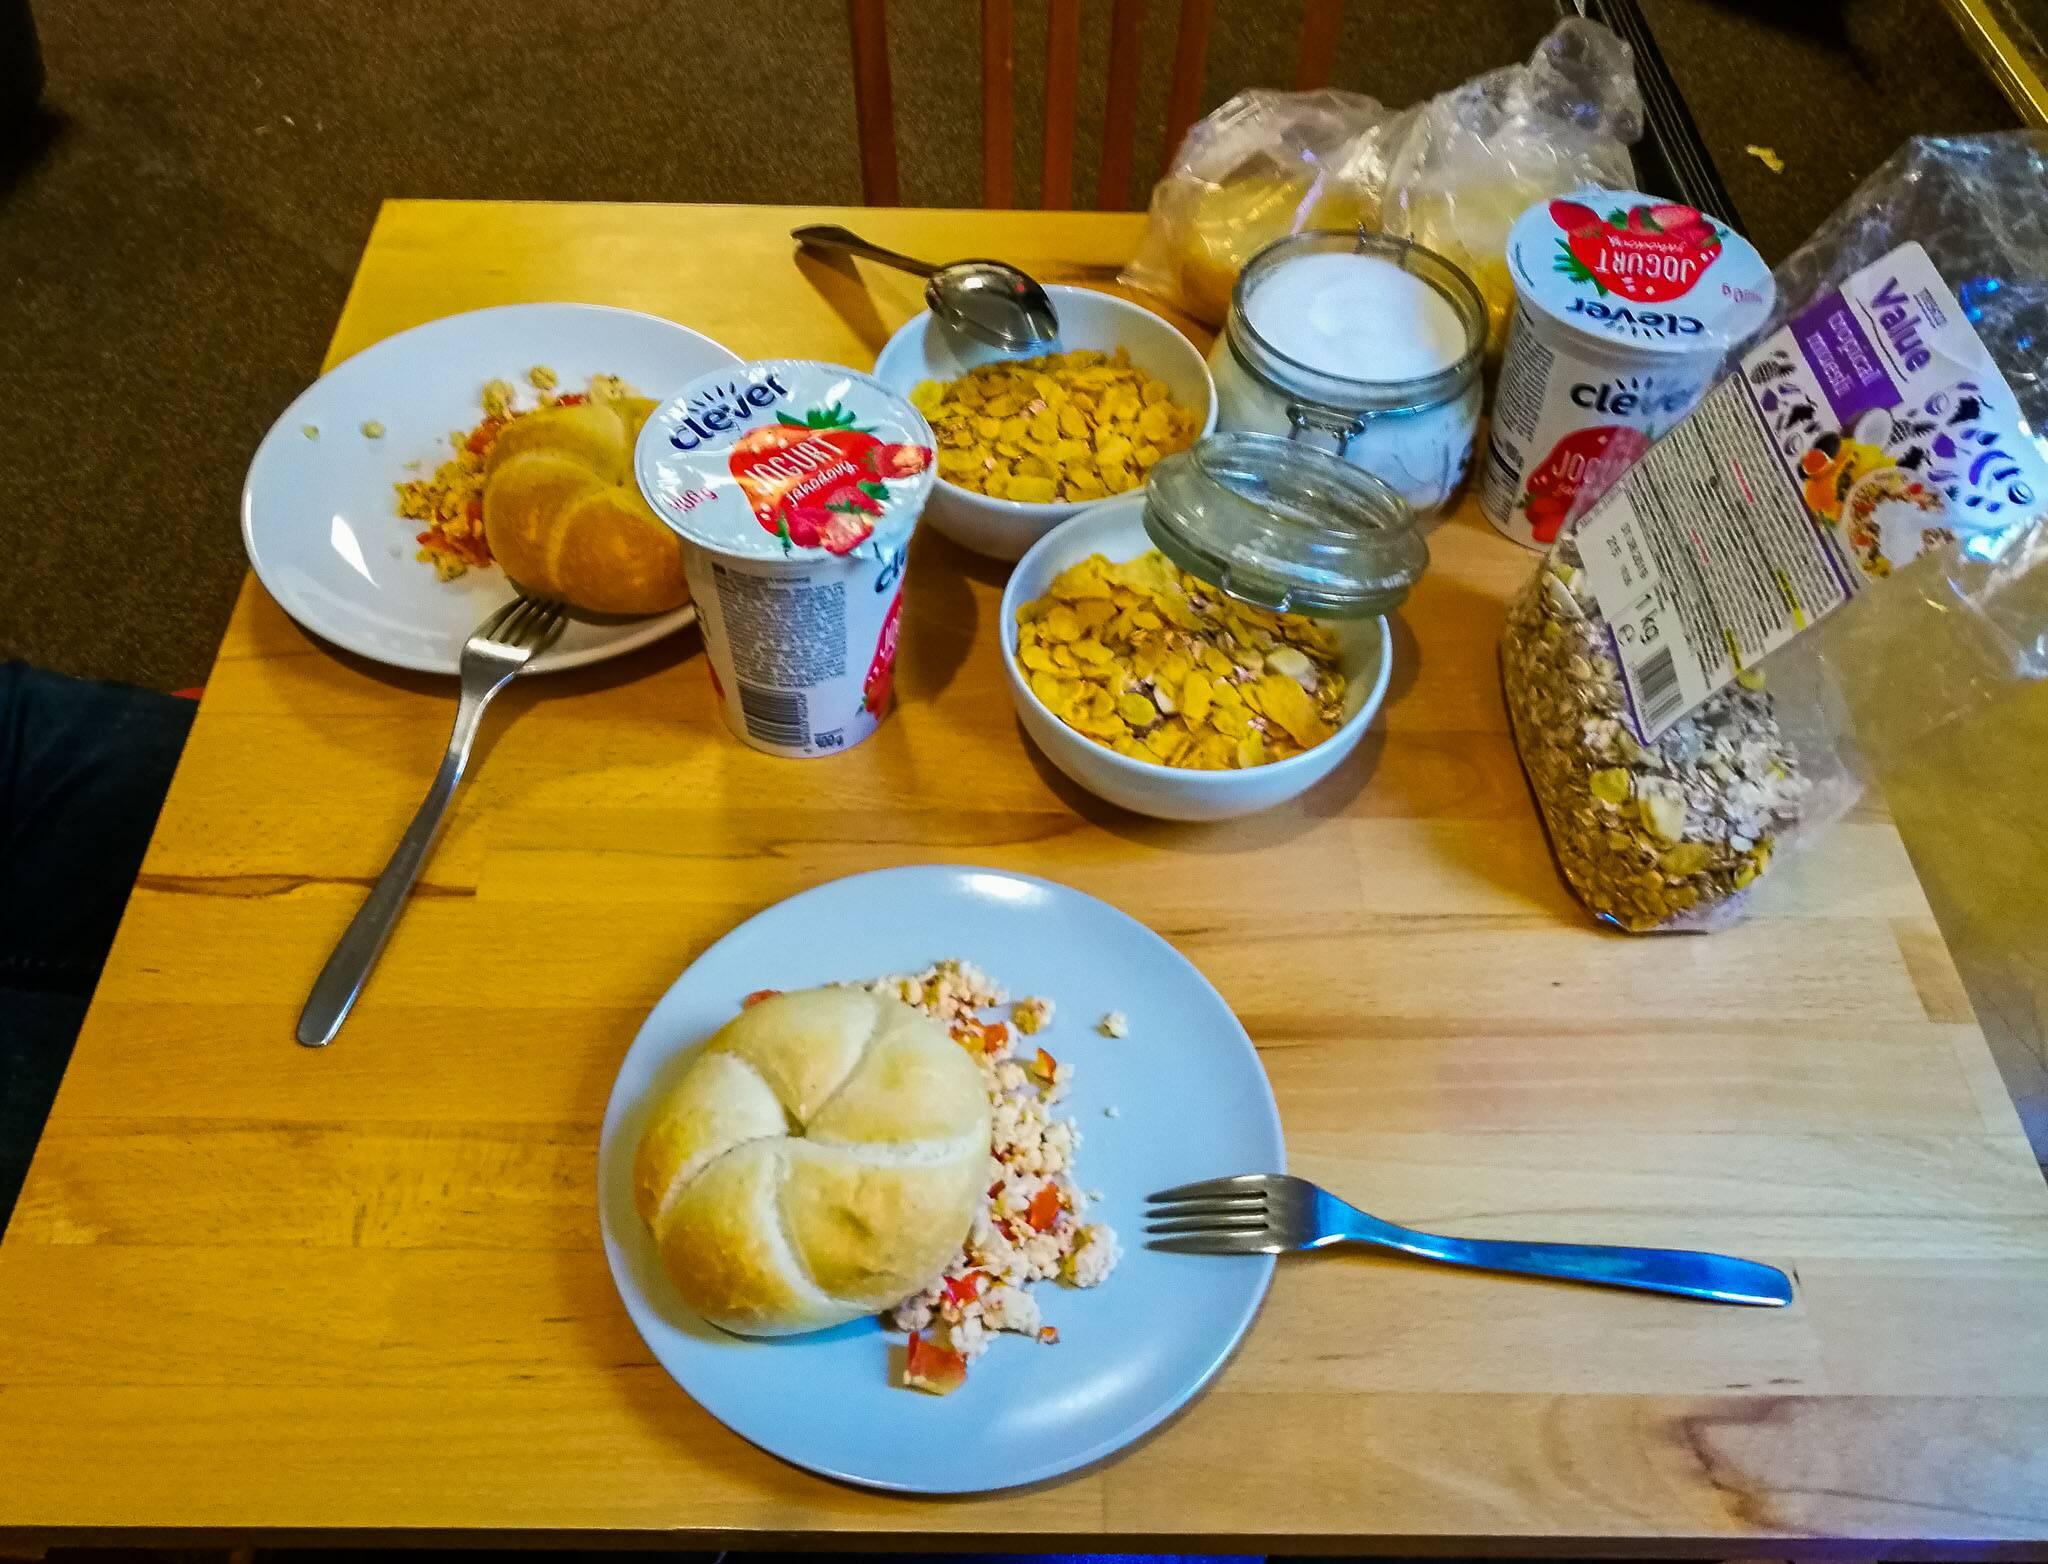 Café da manhã com coisas que compramos e cereias do Hostel Orange   Foto: Bruno/@naproadavida